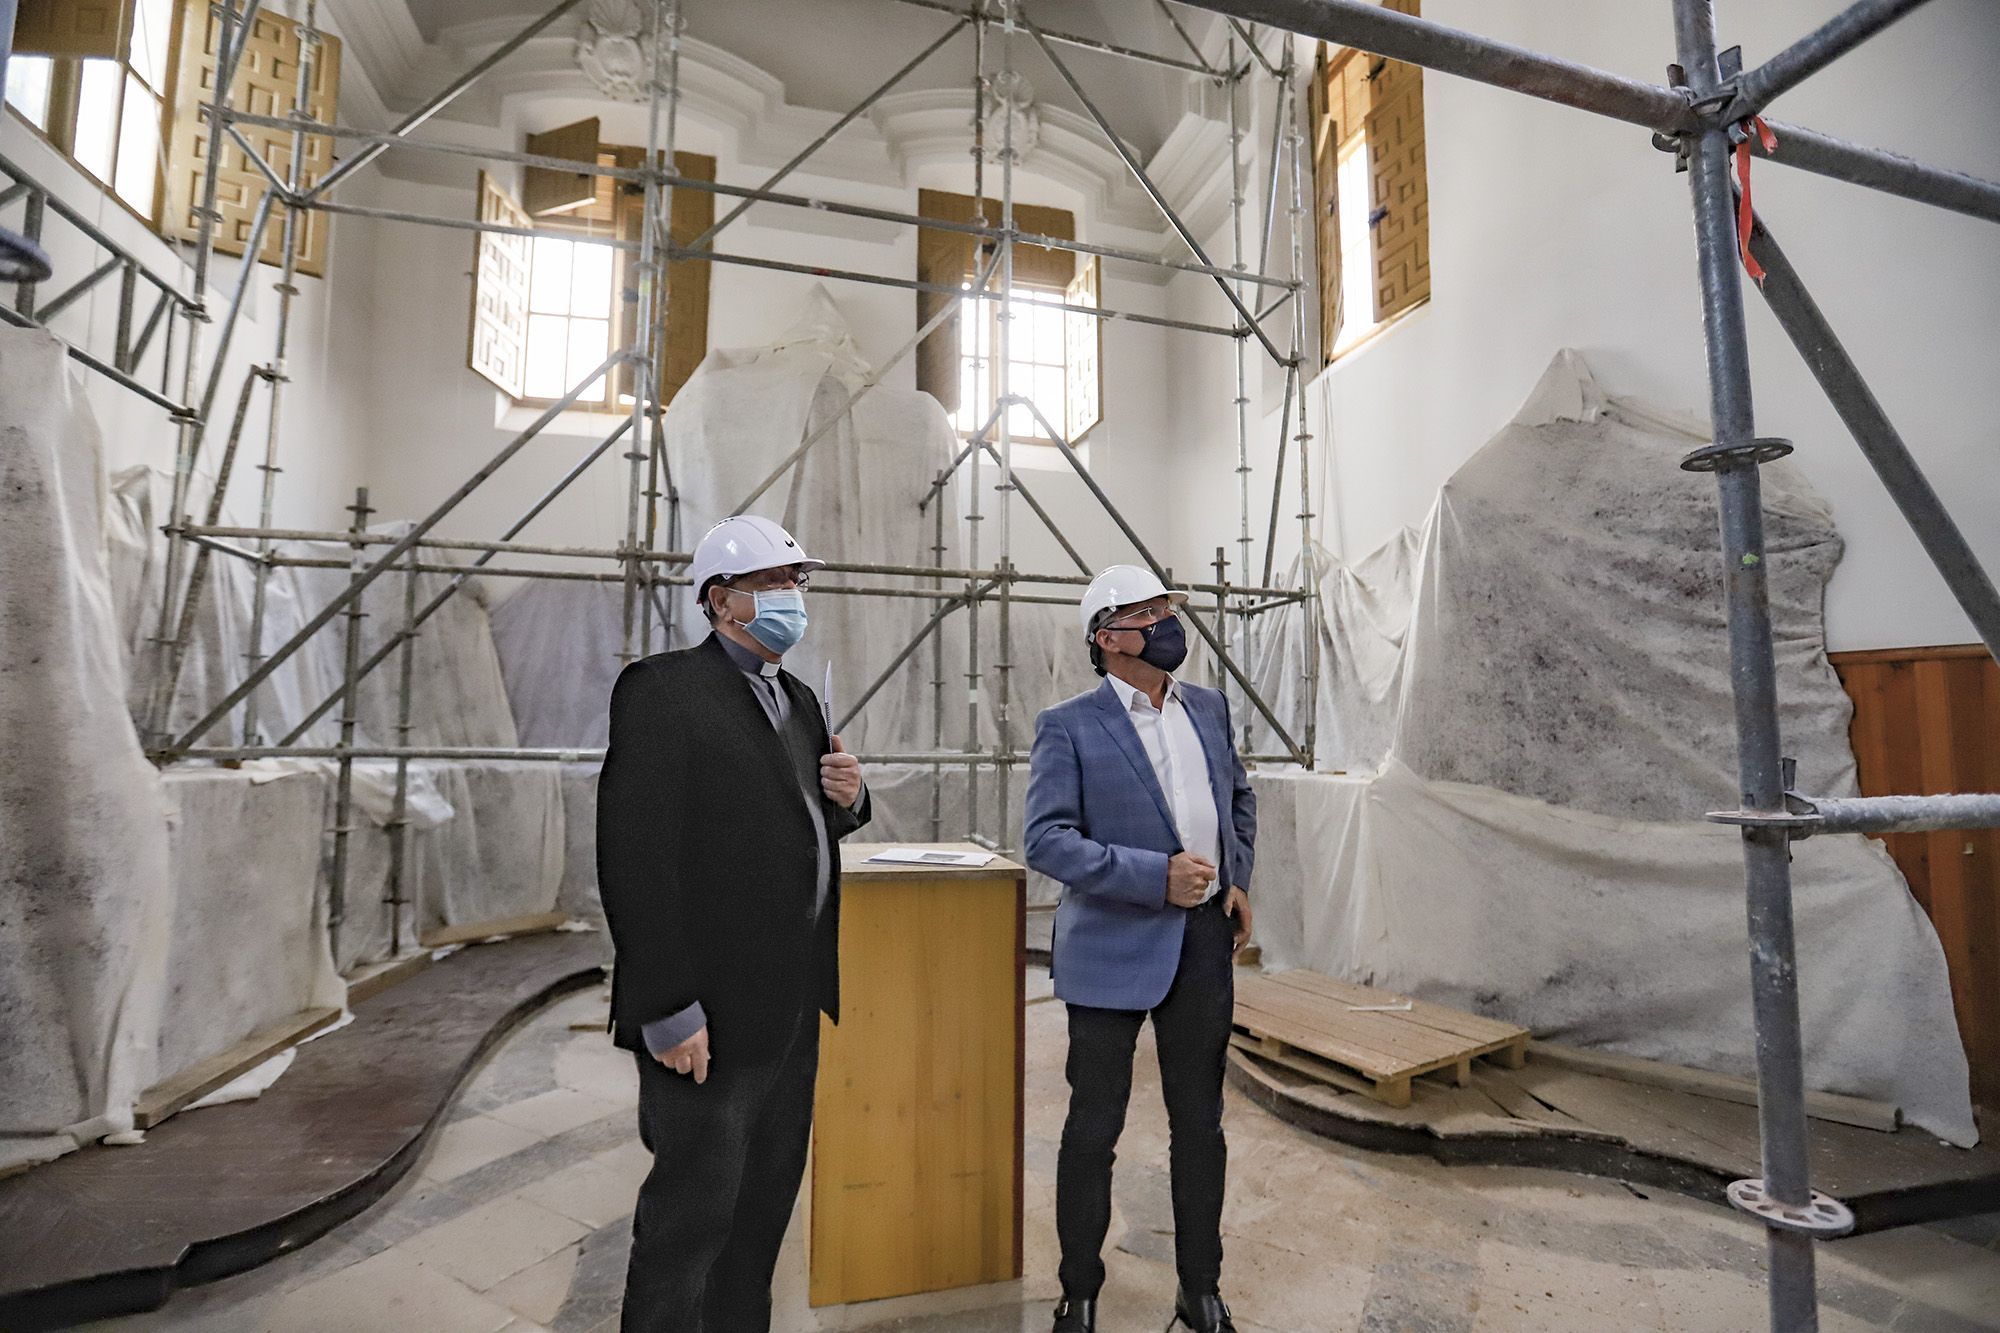 La iglesia de las Santas Justa y Rufina de Orihuela, será rehabilitada